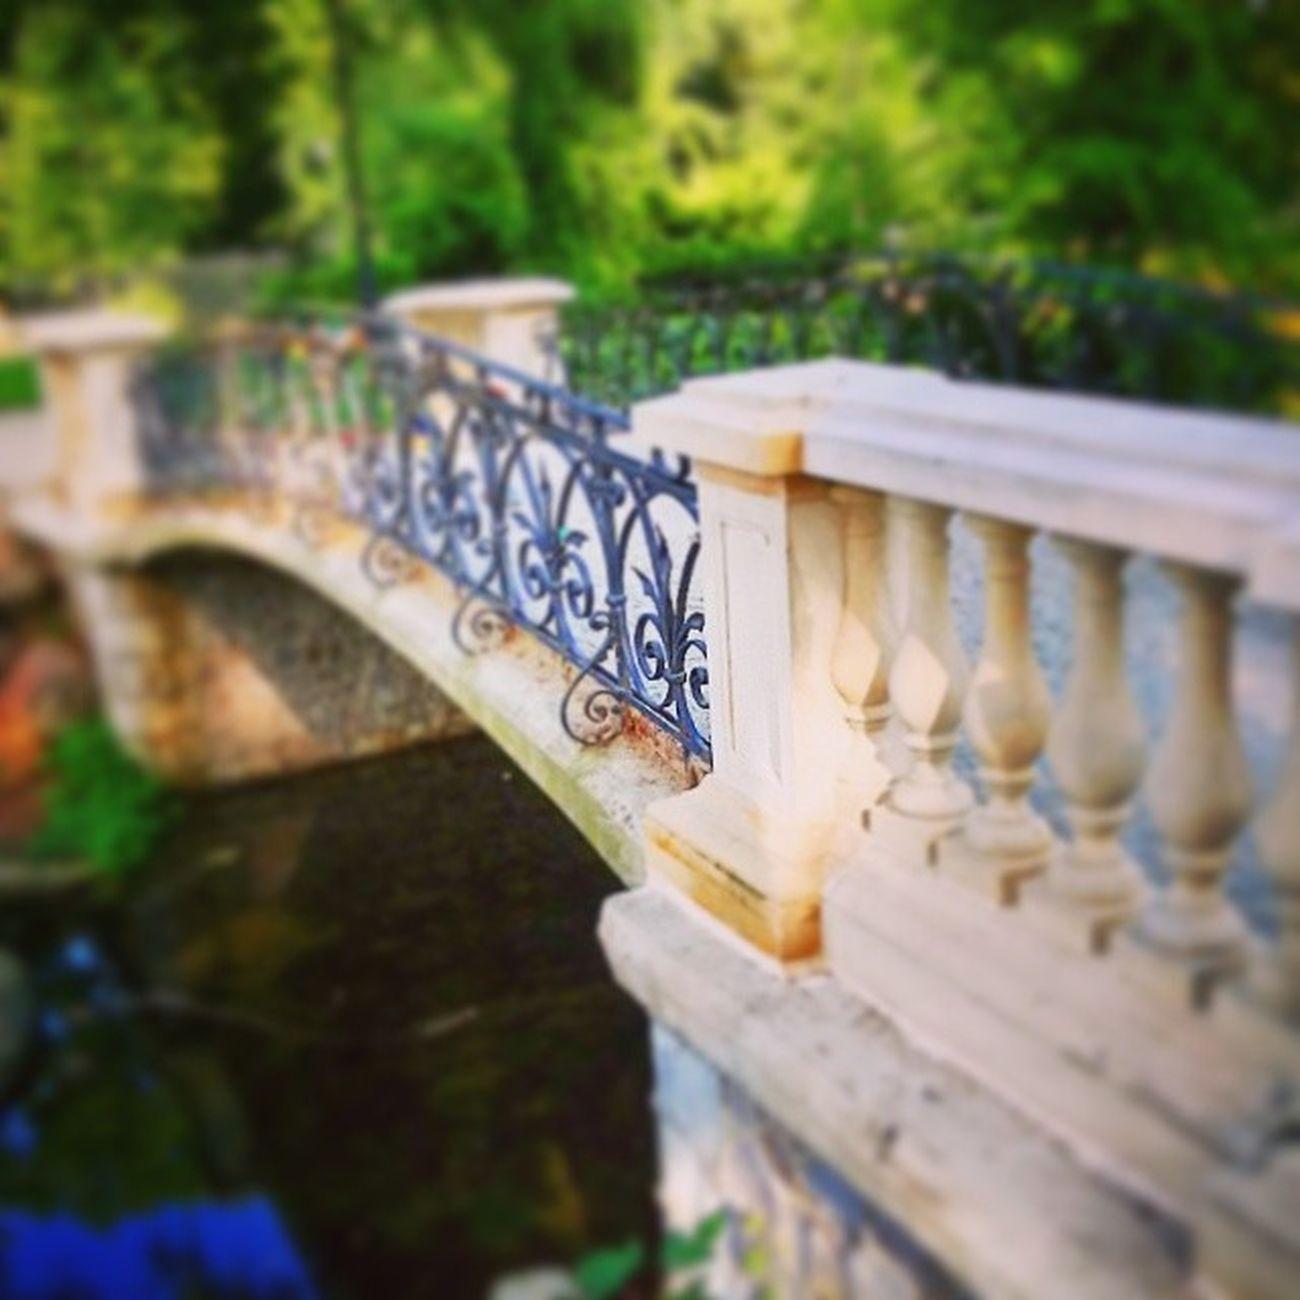 Warszawa  Warsaw Stolica Lazienki krolewskie park most spacer walk zwiedzamywarszawe cudzechwalicieswojegonieznacie